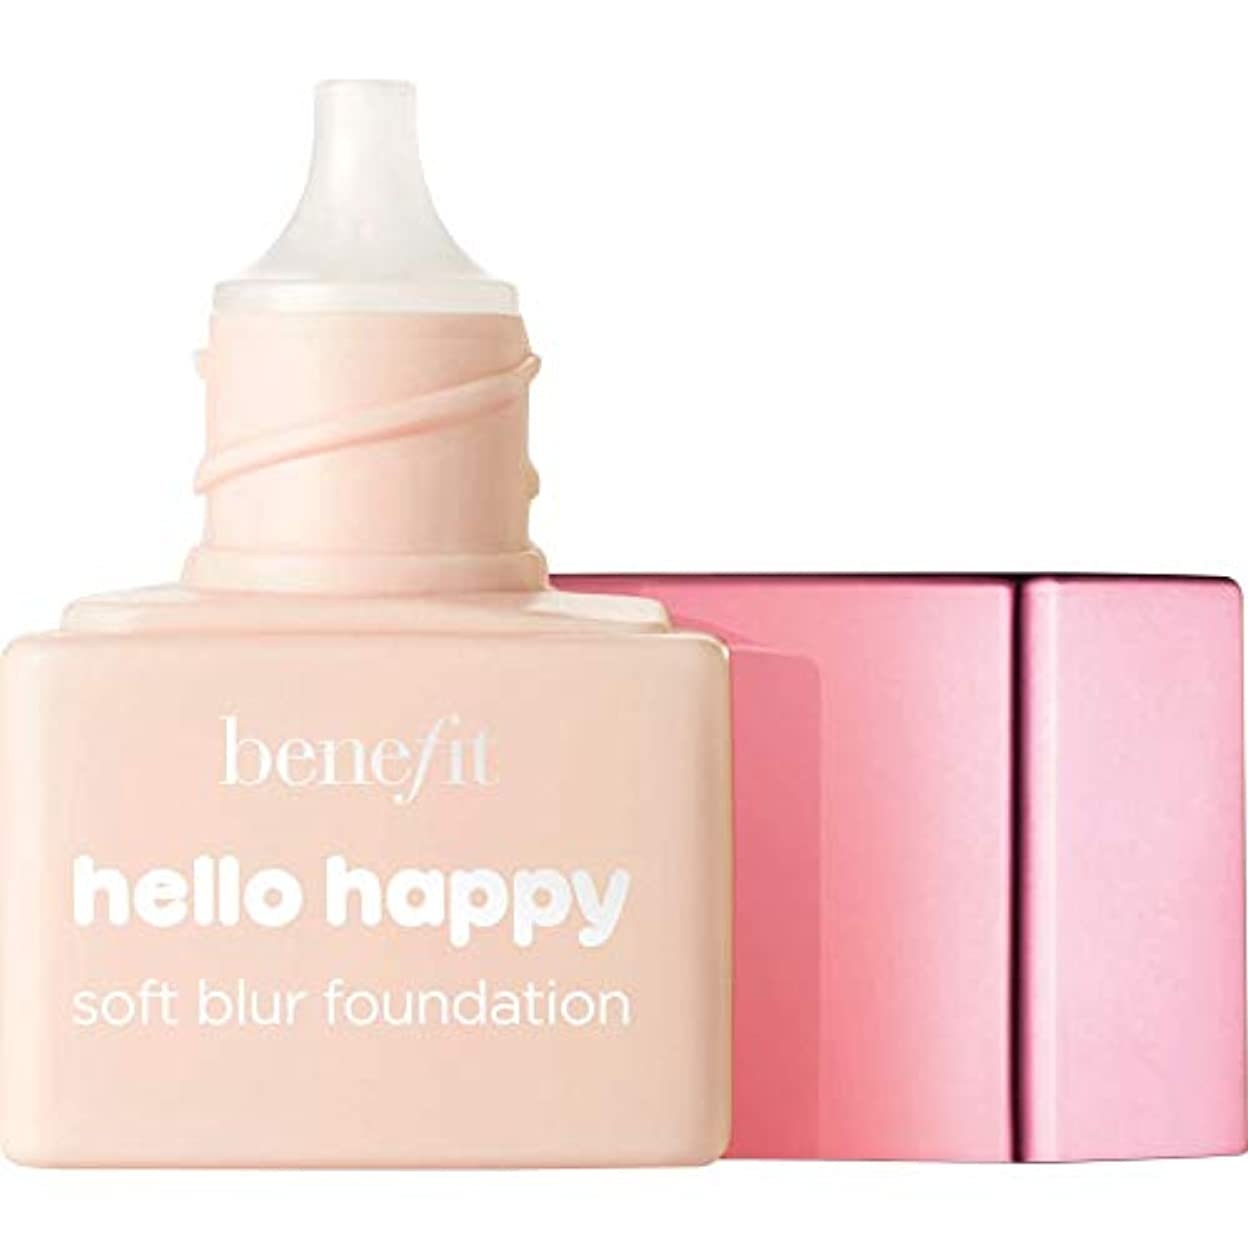 交響曲ジョガーフォーカス[Benefit ] 利益こんにちは幸せなソフトブラー基礎Spf15の6ミリリットル - ミニ1 - フェアクール - Benefit Hello Happy Soft Blur Foundation SPF15 6ml...